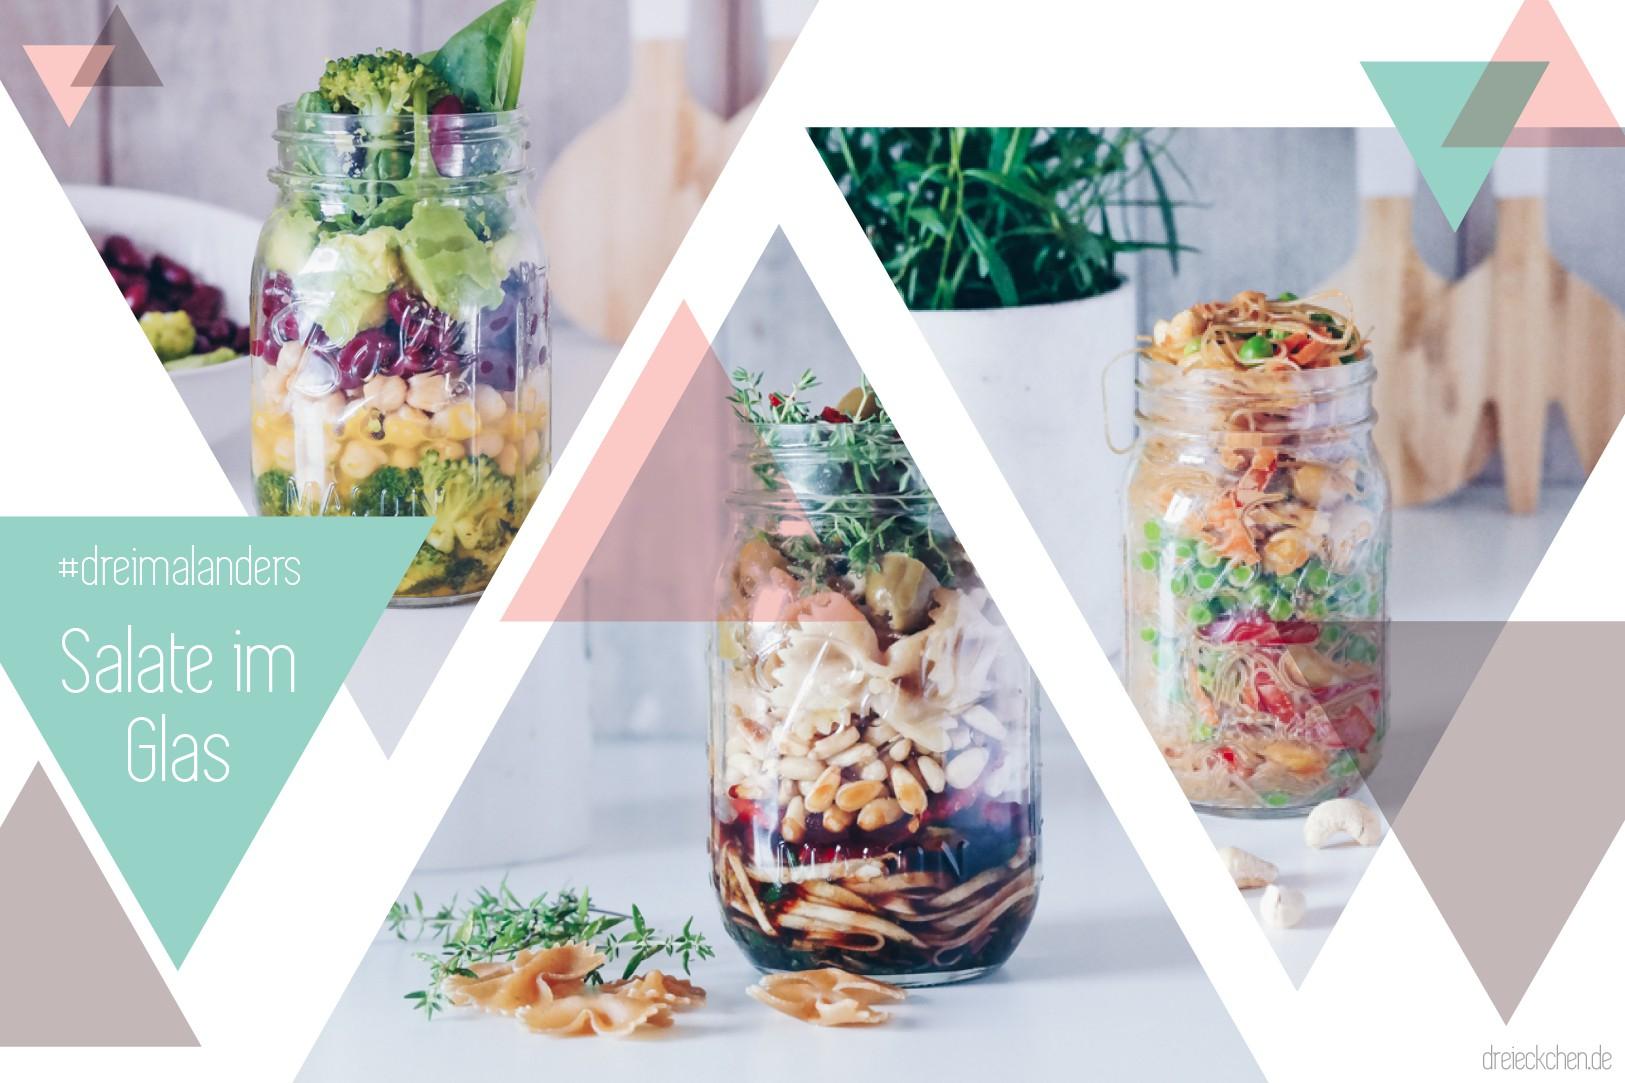 salate-im-glas-mittagspause_dreimal-anders_blog_dreieckchen_titel